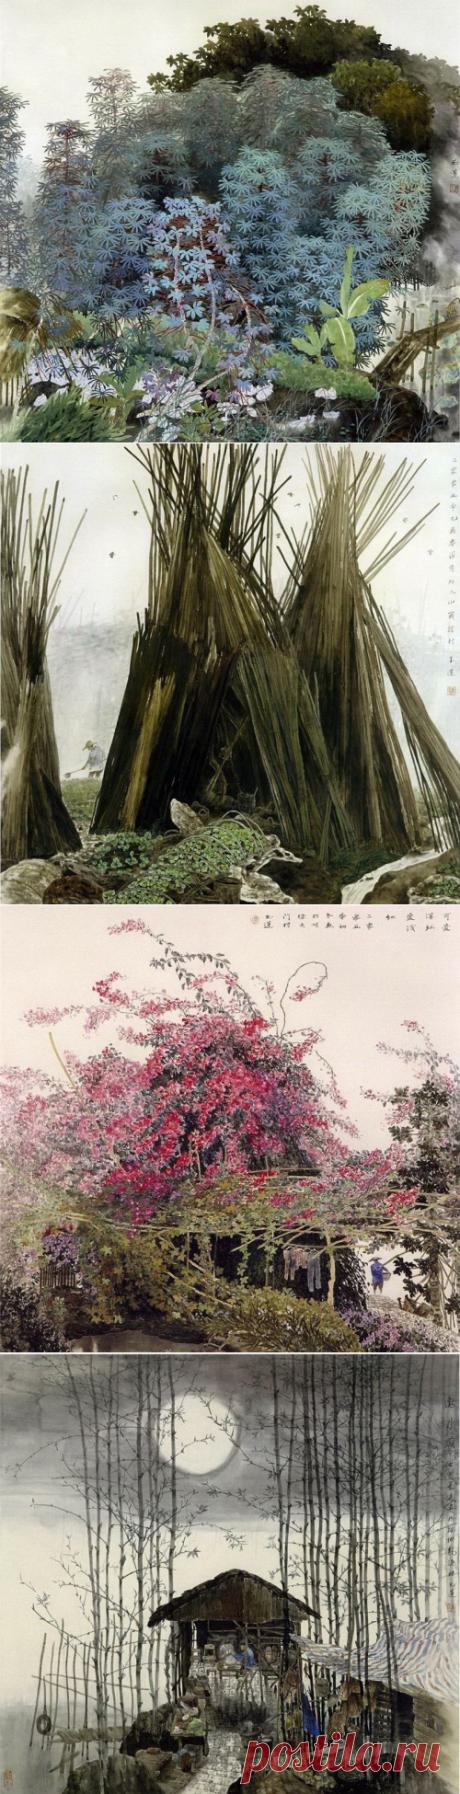 Художник Chen YuLian - Китайская живопись (14 работ) » Картины, художники, фотографы на Nevsepic